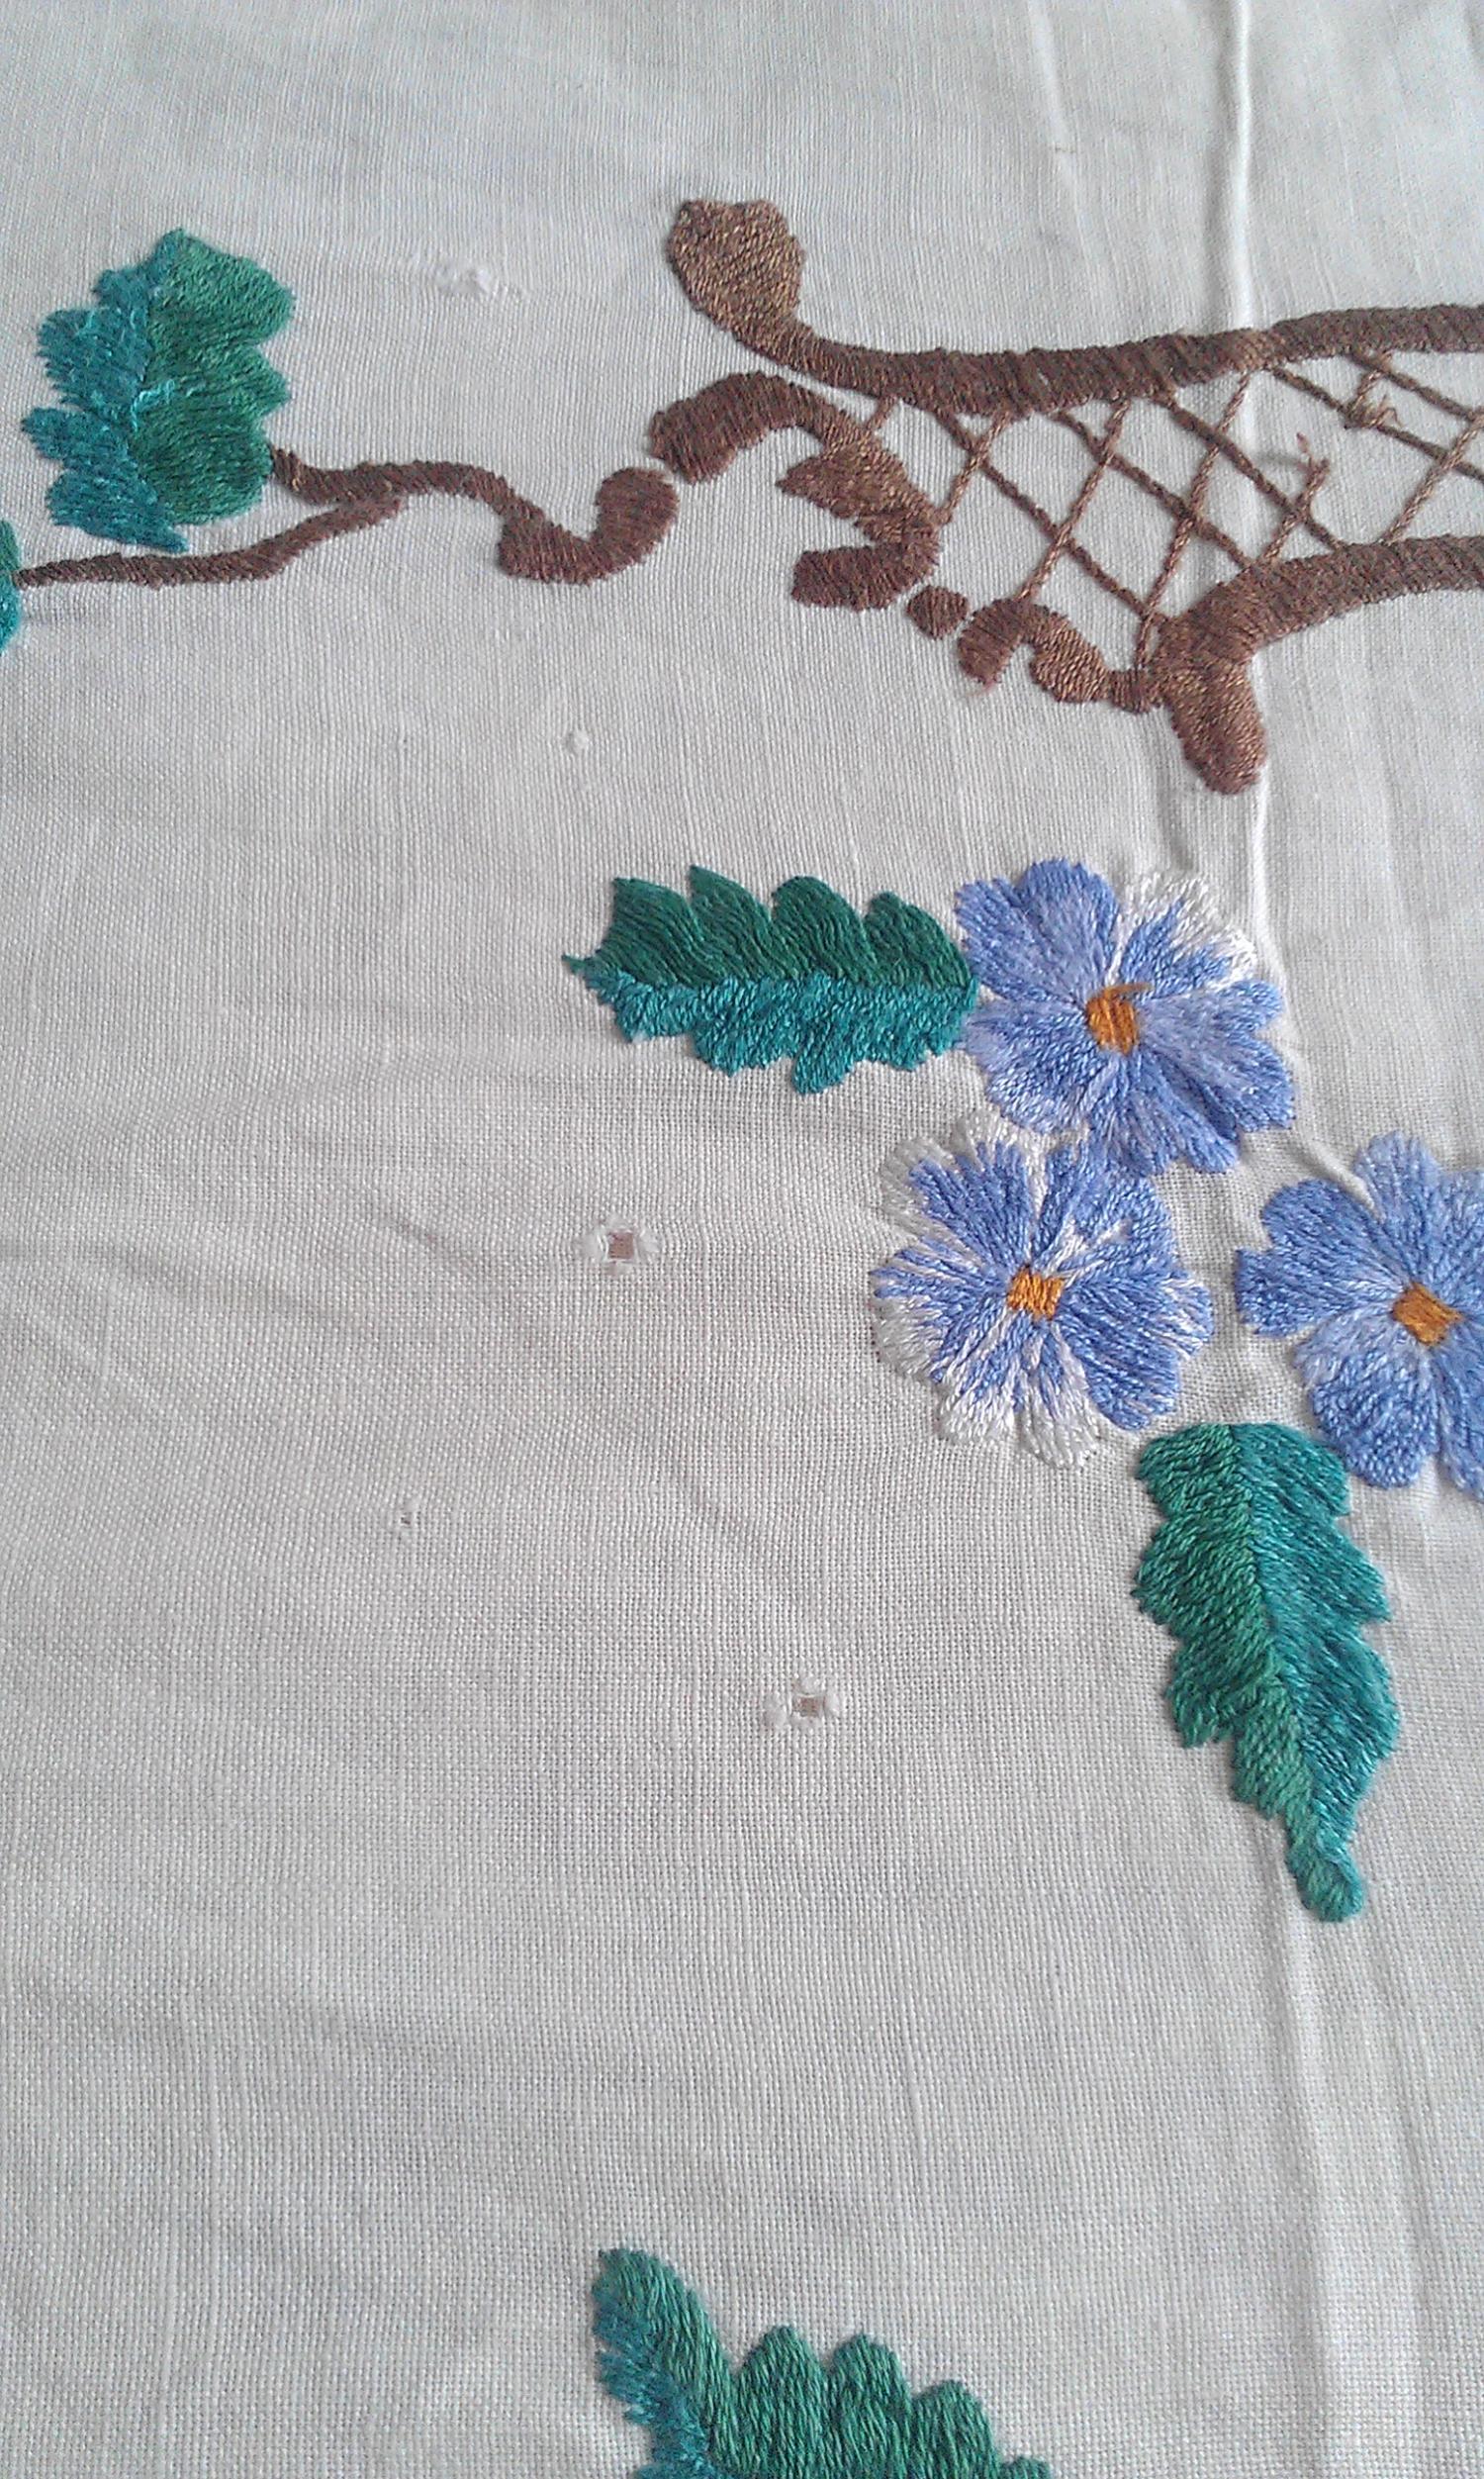 Как отбелить старые вышивки